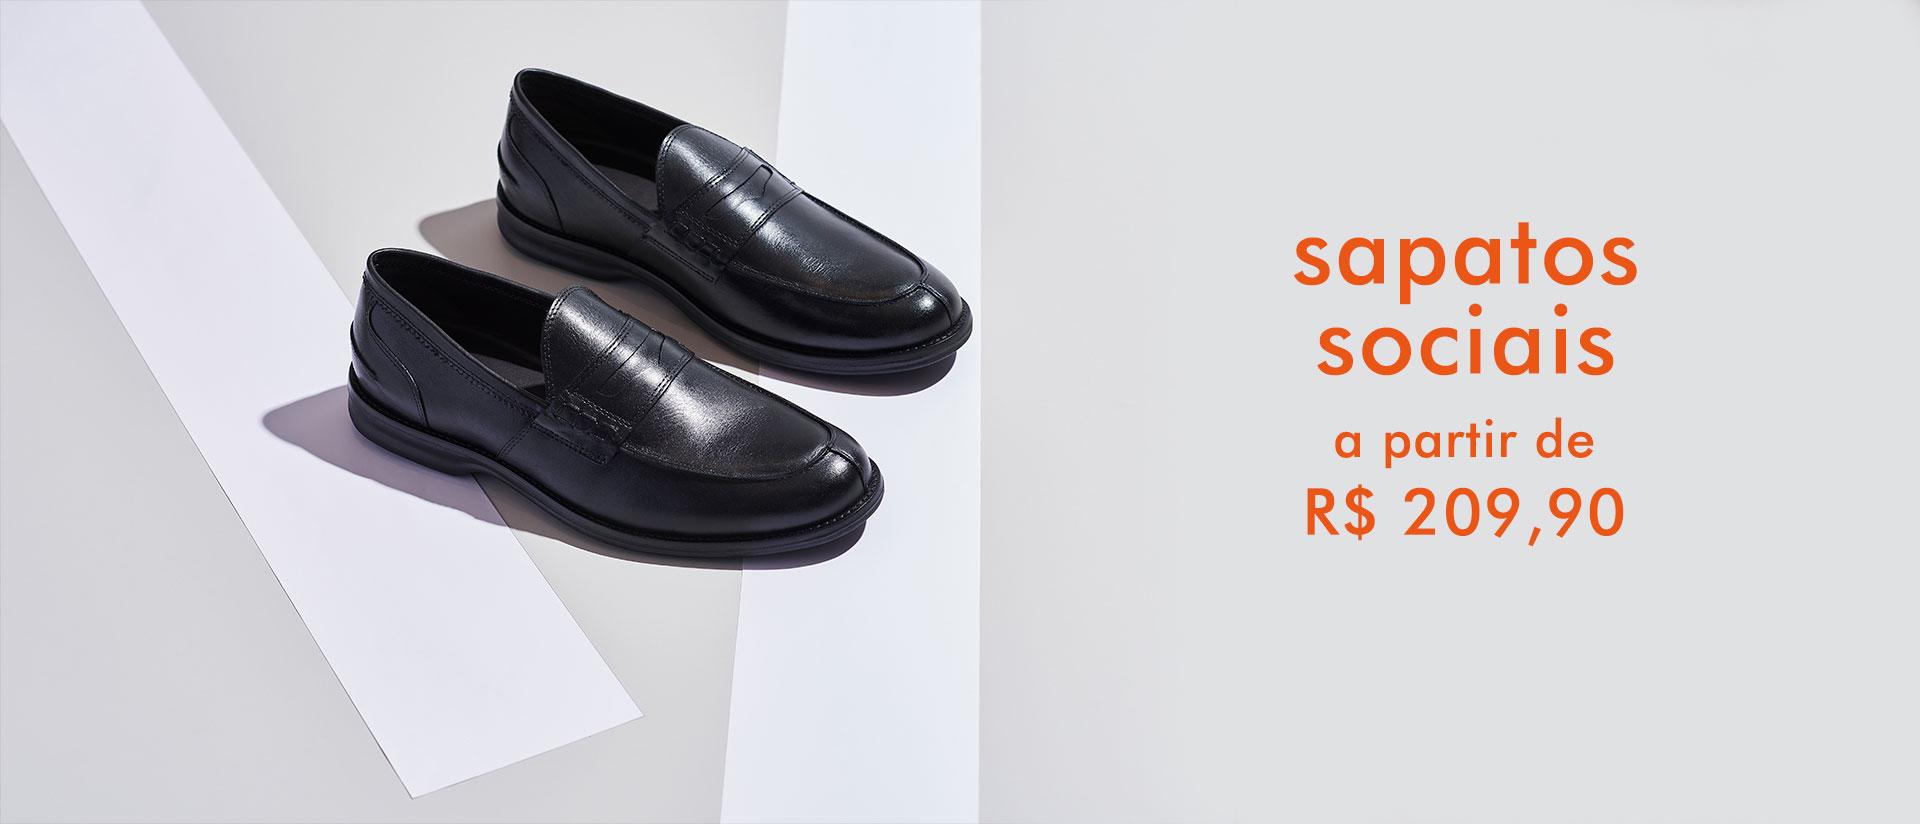 liqui sapatos sociais